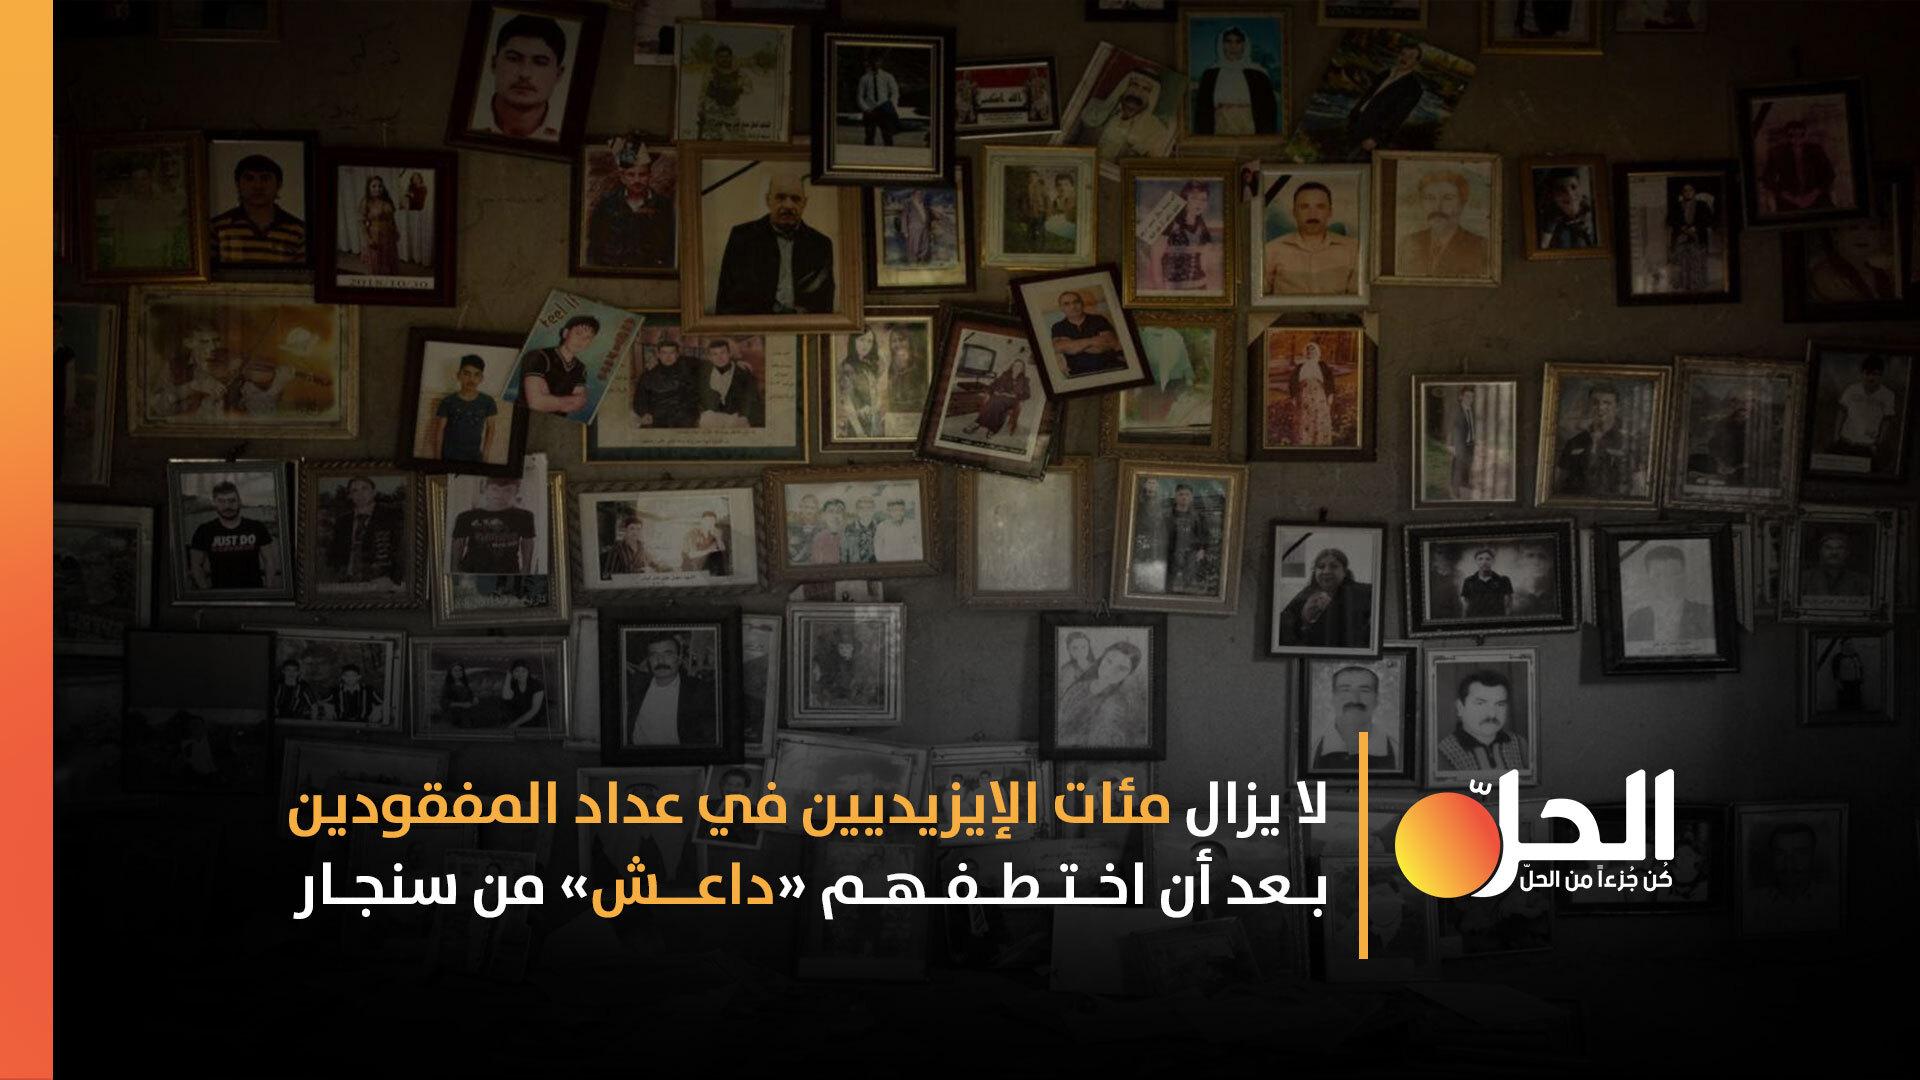 في المقابر الجماعية بالعراق: الحمض النووي وسيلةٌ لكشف هوية ضحايا «داعش» من الإيزيديين